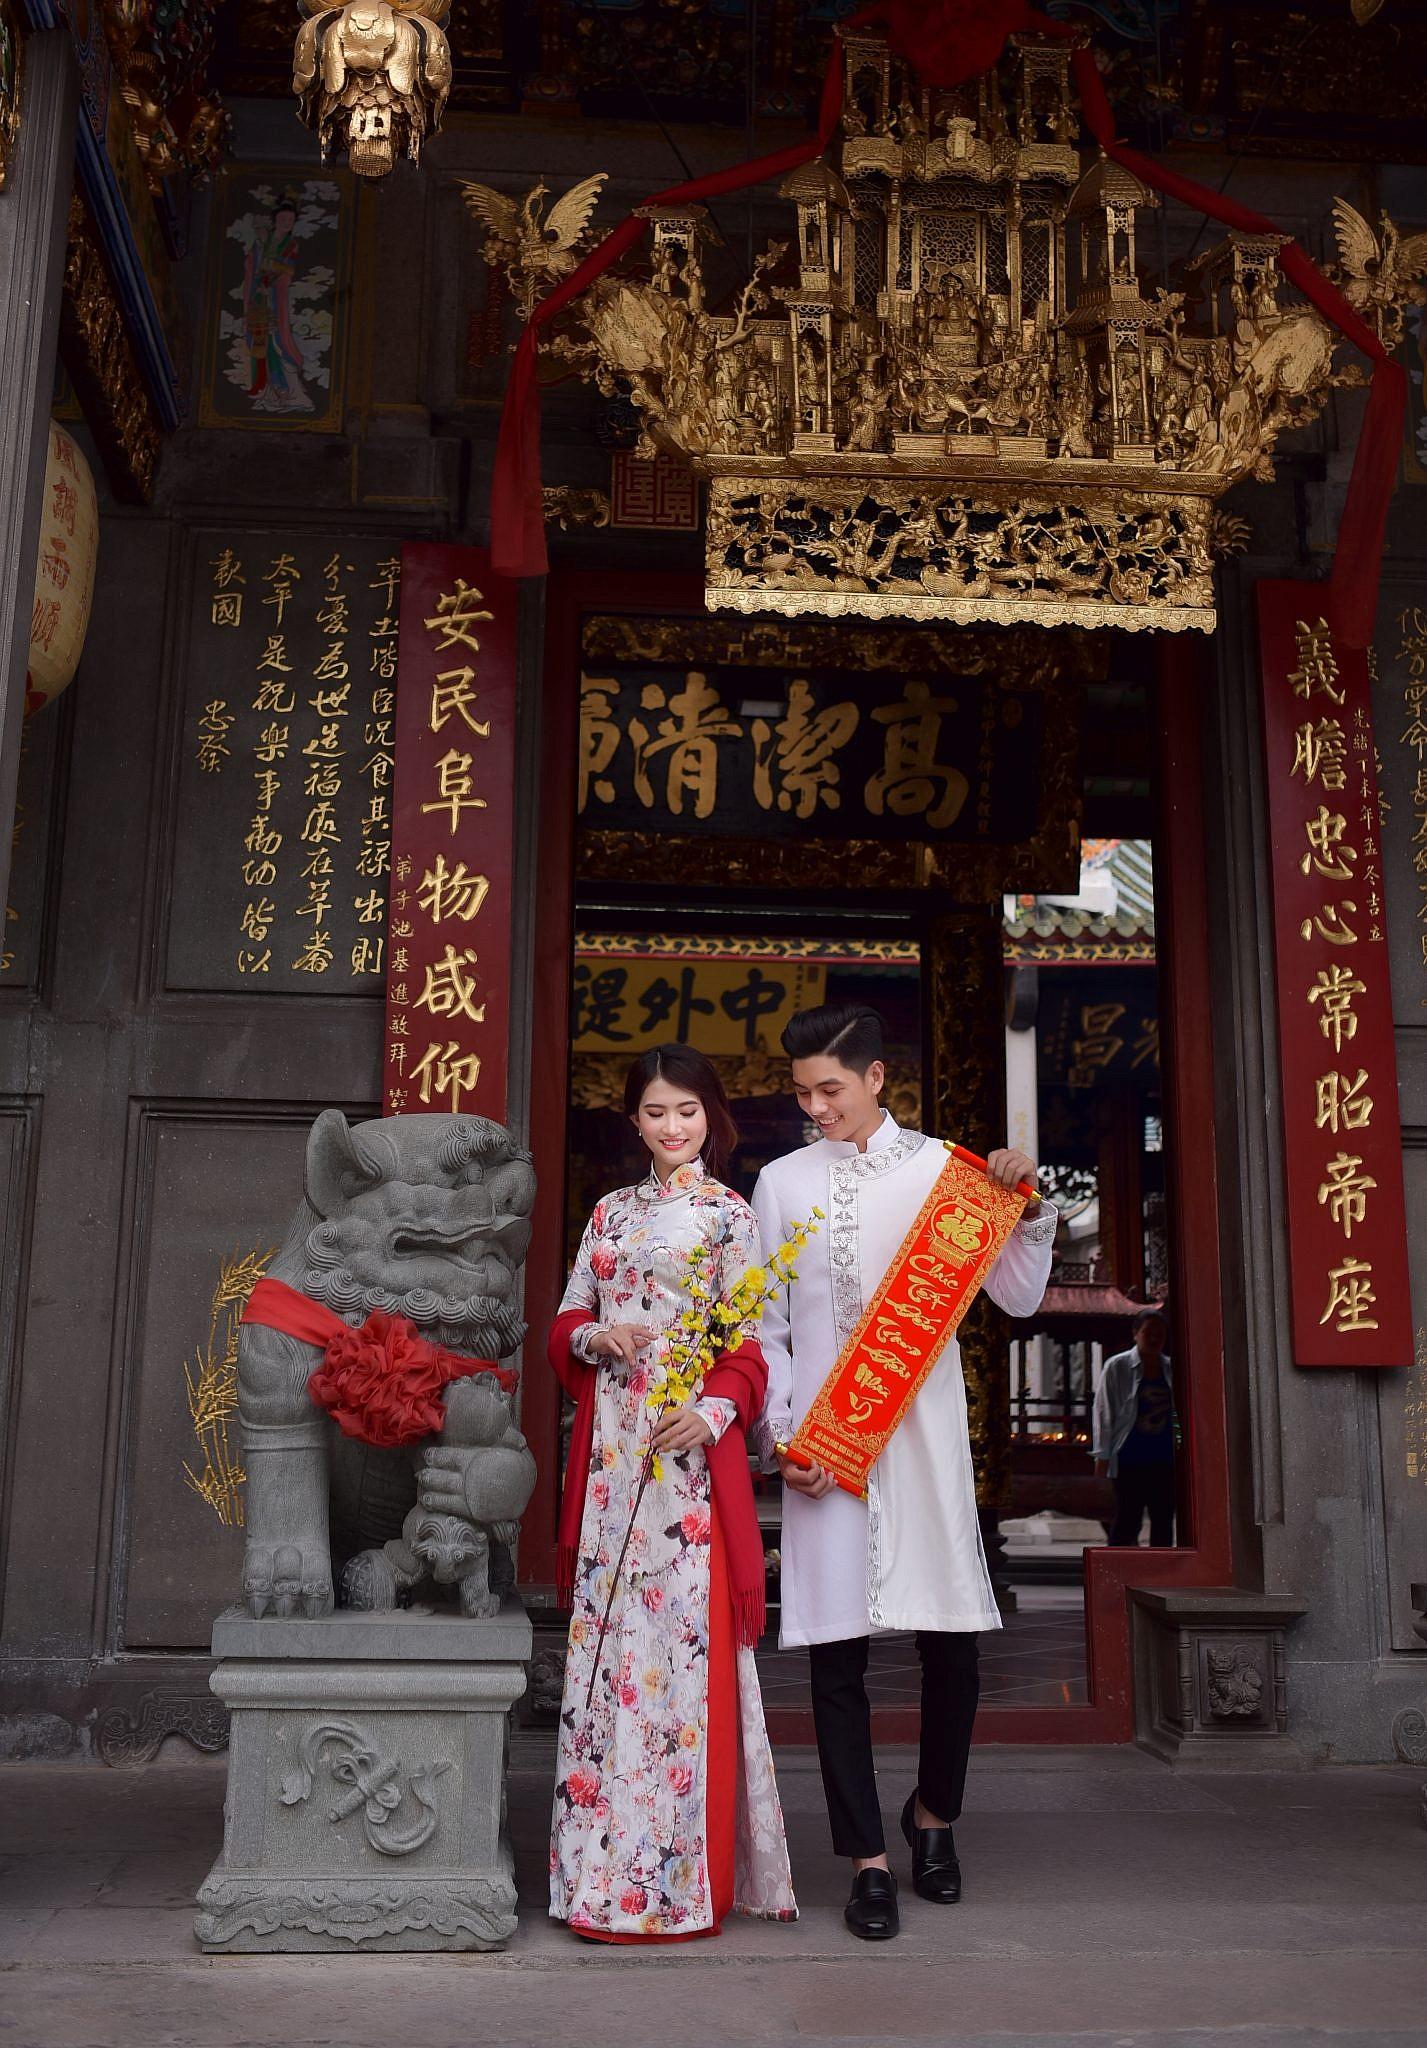 Lưu ngay 5 địa chỉ chụp ảnh áo dài Tết cực lung linh ở Sài Gòn - Ảnh 9.